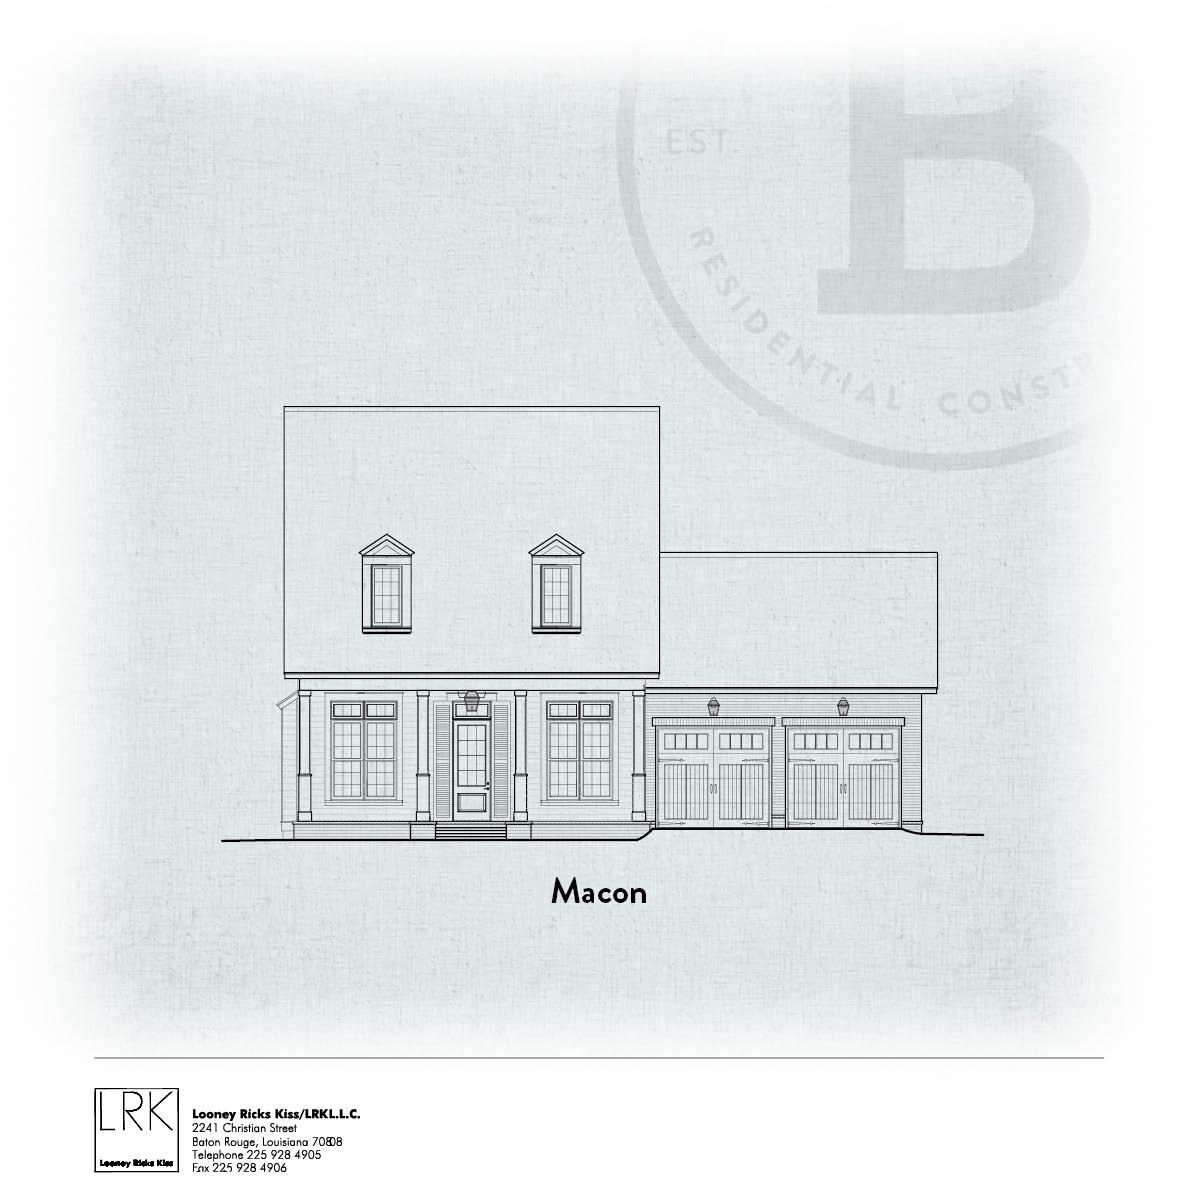 Macon Elevation